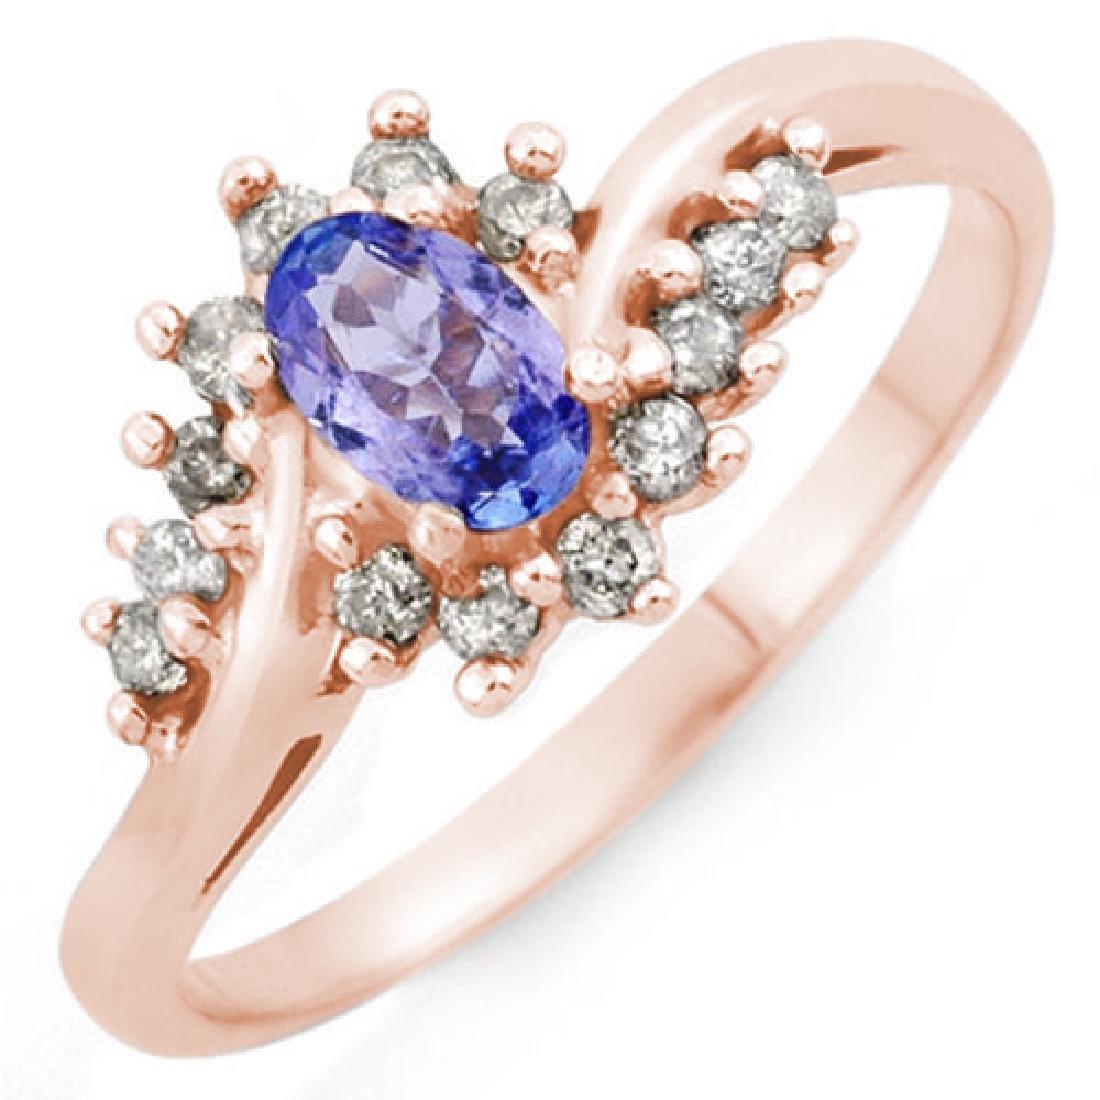 0.55 CTW Tanzanite & Diamond Ring 18K Rose Gold